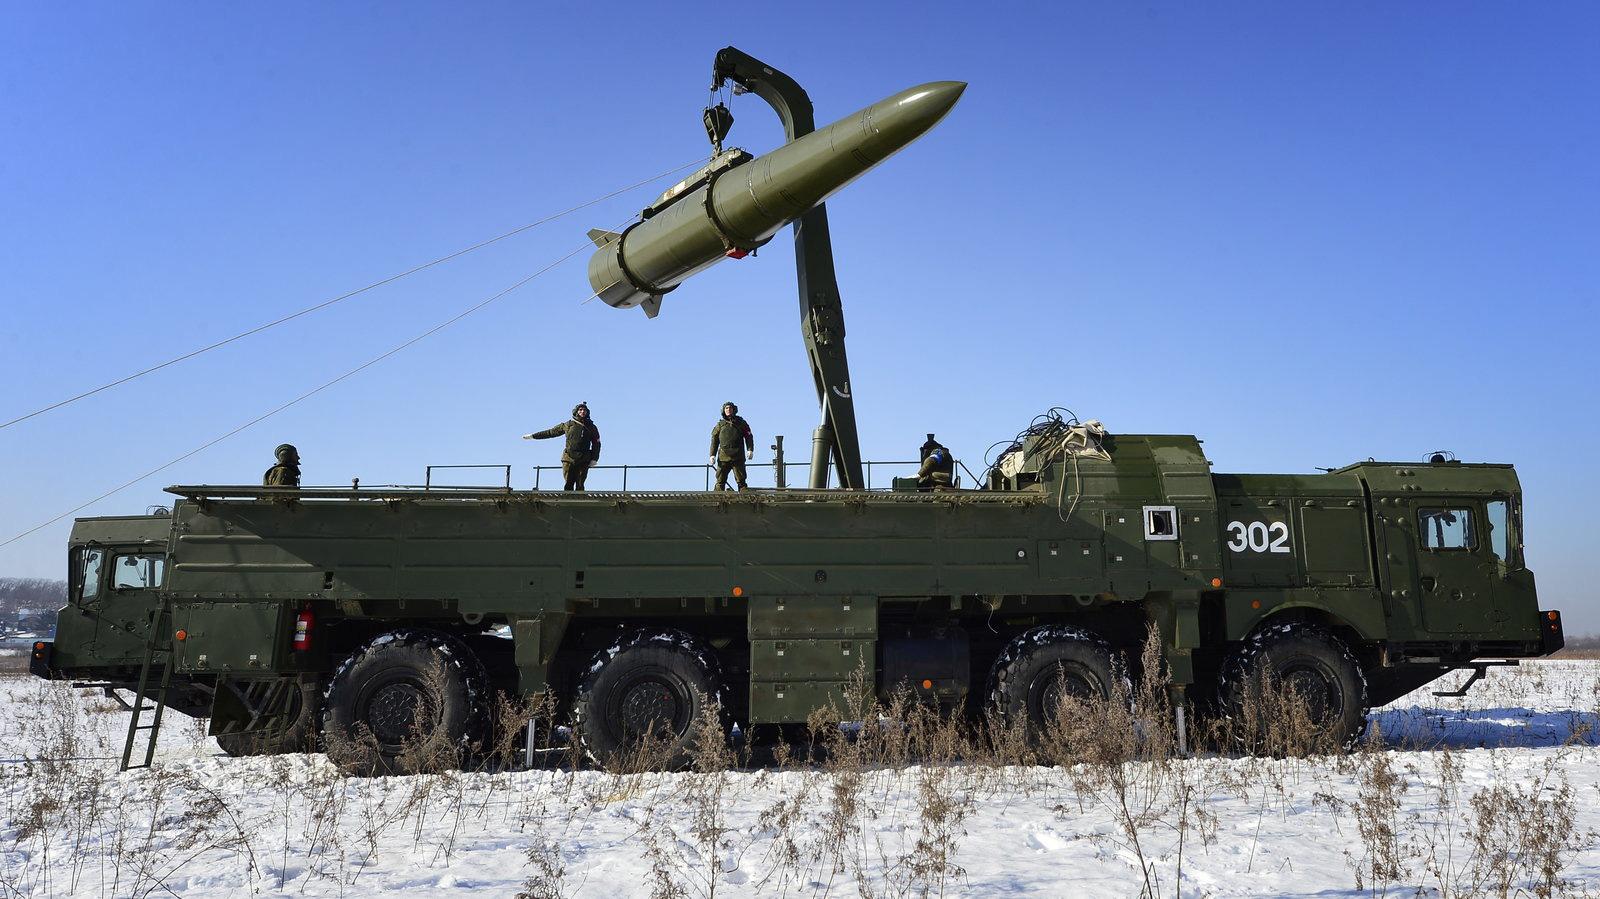 Vũ khí hạt nhân chiến thuật: Trò chơi mới đầy nguy hiểm giữa Mỹ và Nga - Ảnh 1.